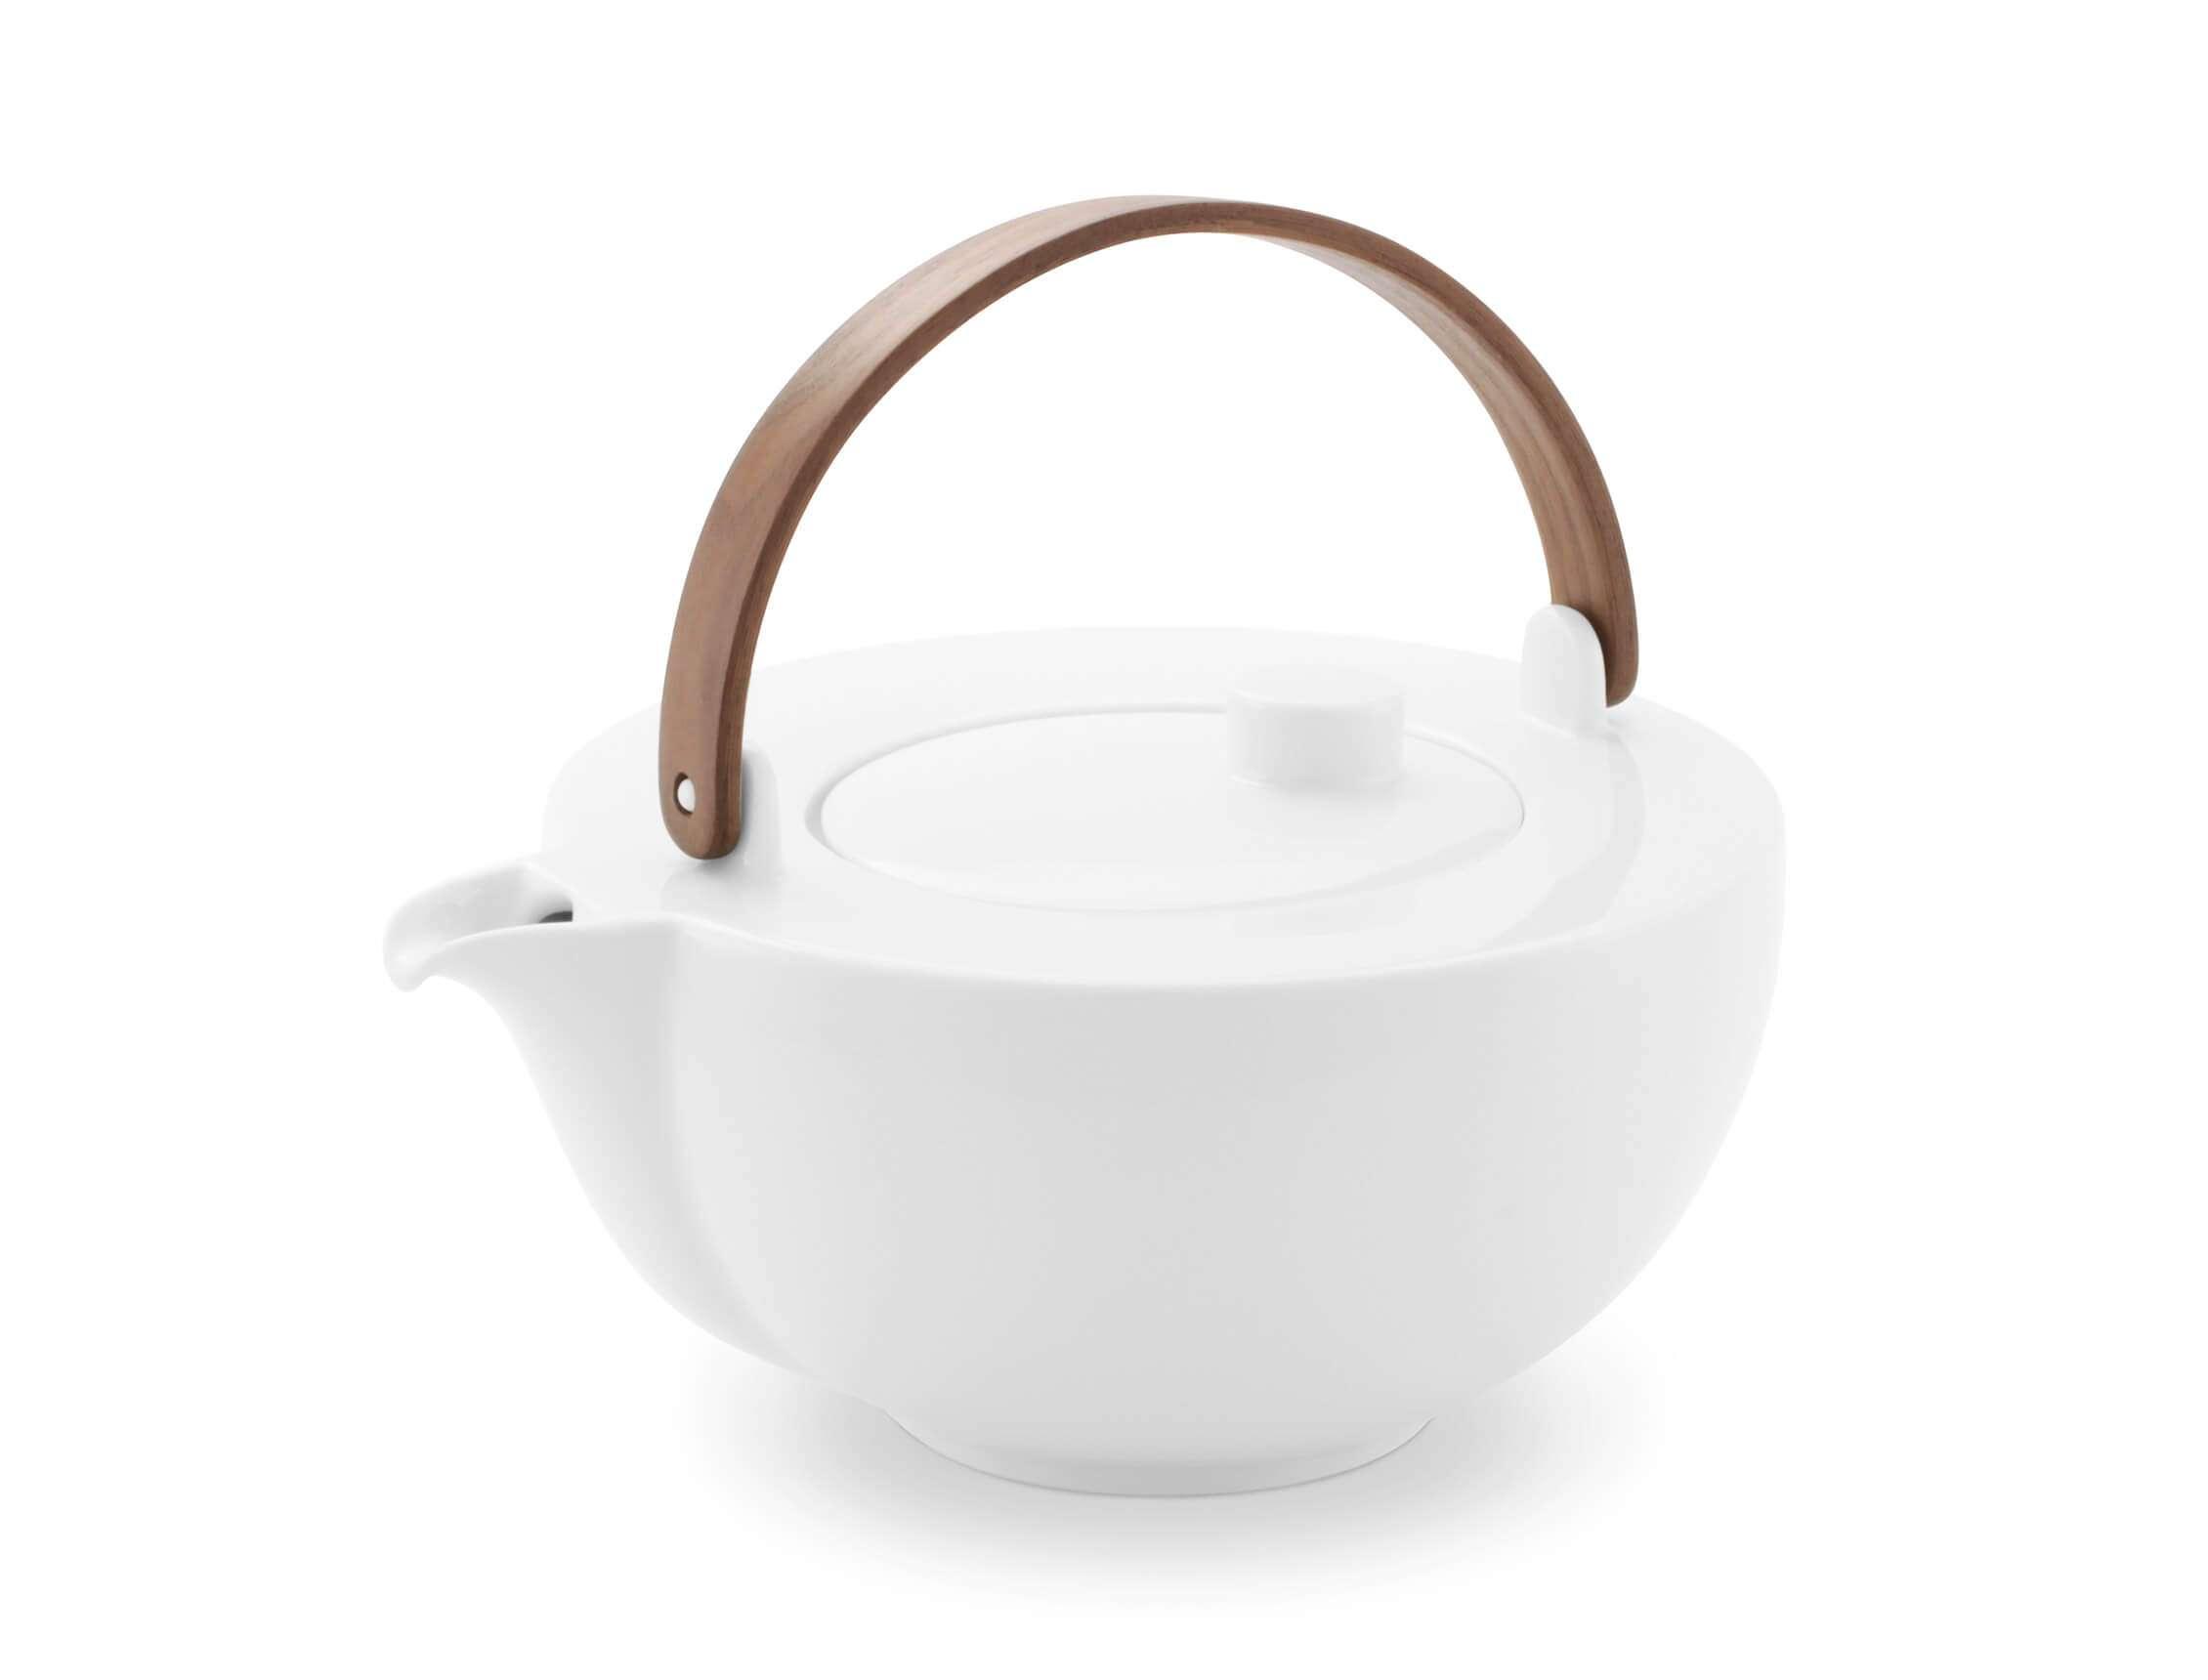 Teekanne Modern teekanne aus porzellan direkt vom designer friesland